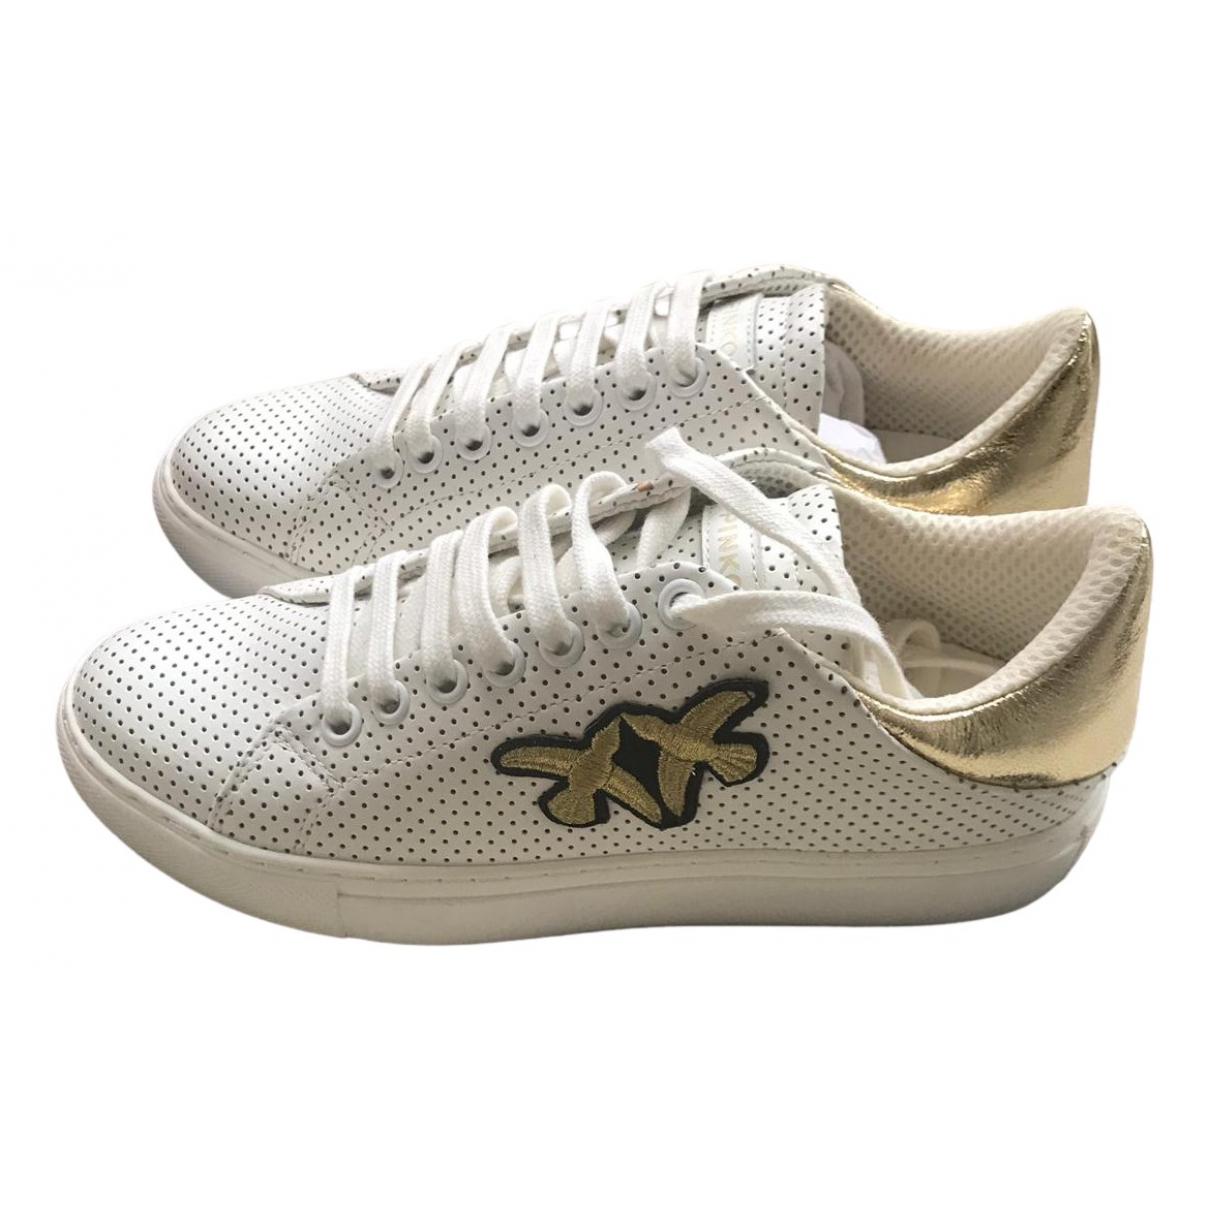 Pinko \N Sneakers in  Weiss Leder